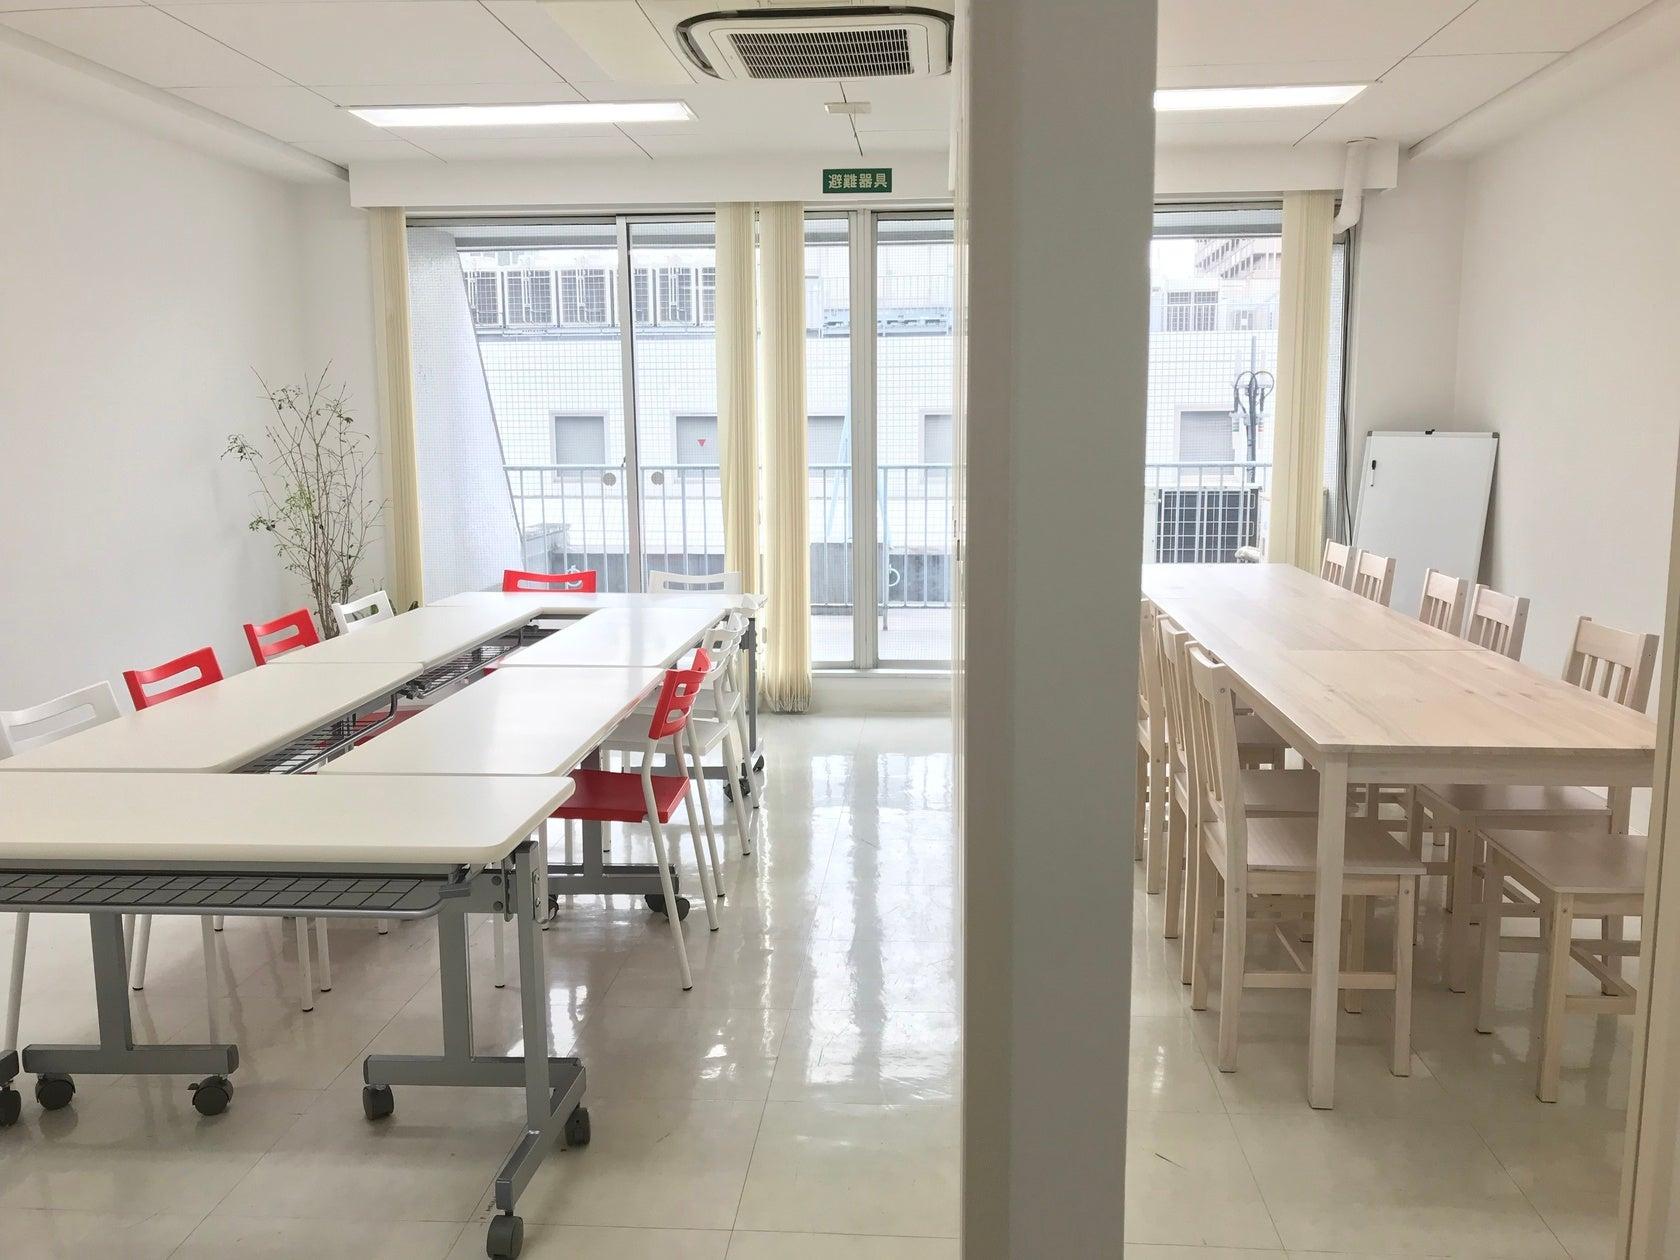 【渋谷】イベントルーム ~白を基調としたおしゃれなスペース~【渋谷駅徒歩6分】(Blenda Tiara (ブレンダ ティアラ)) の写真0